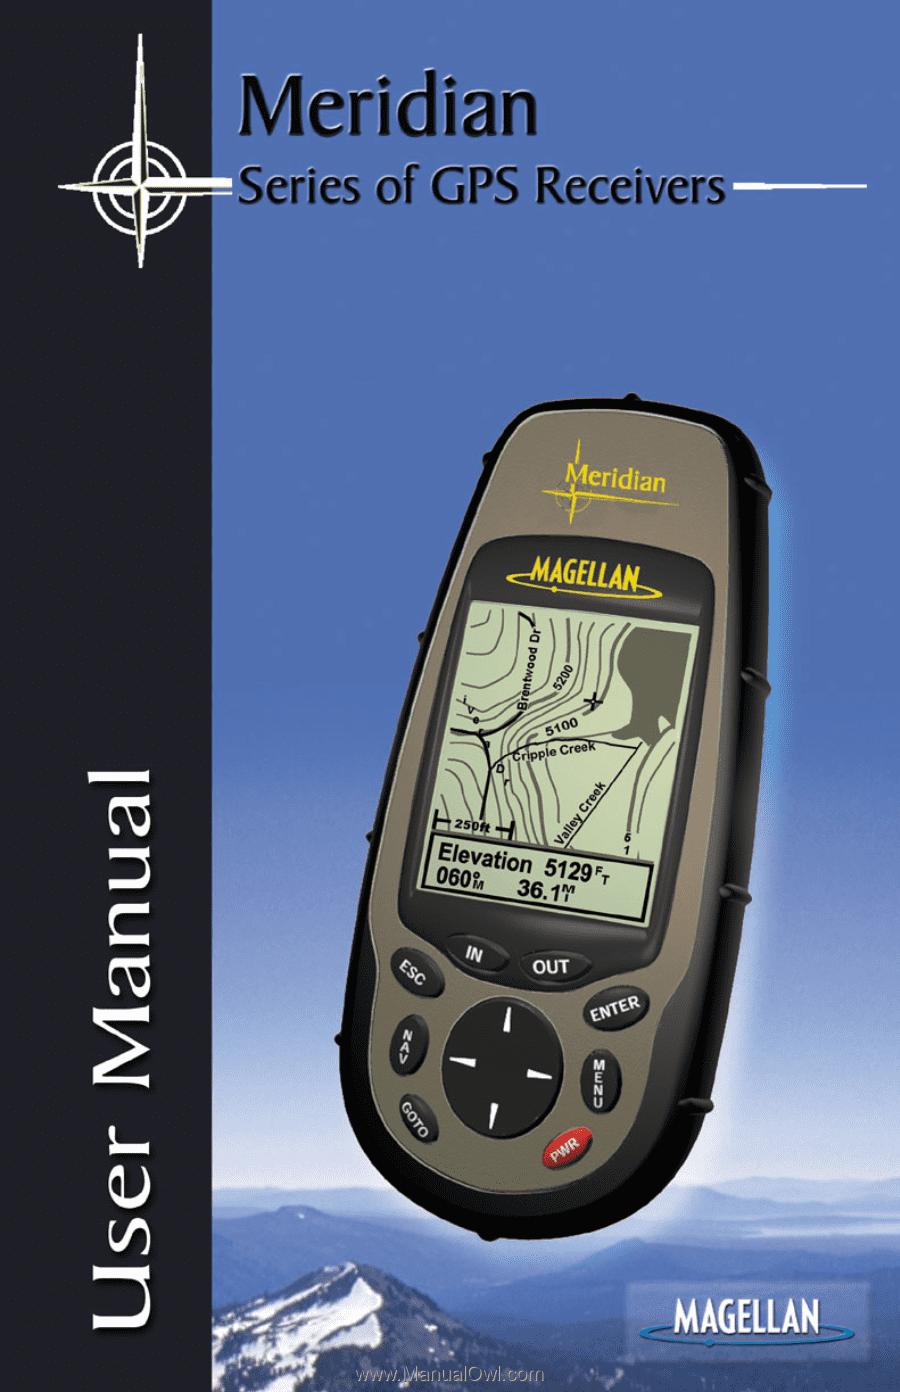 magellan roadmate 300 gps manual